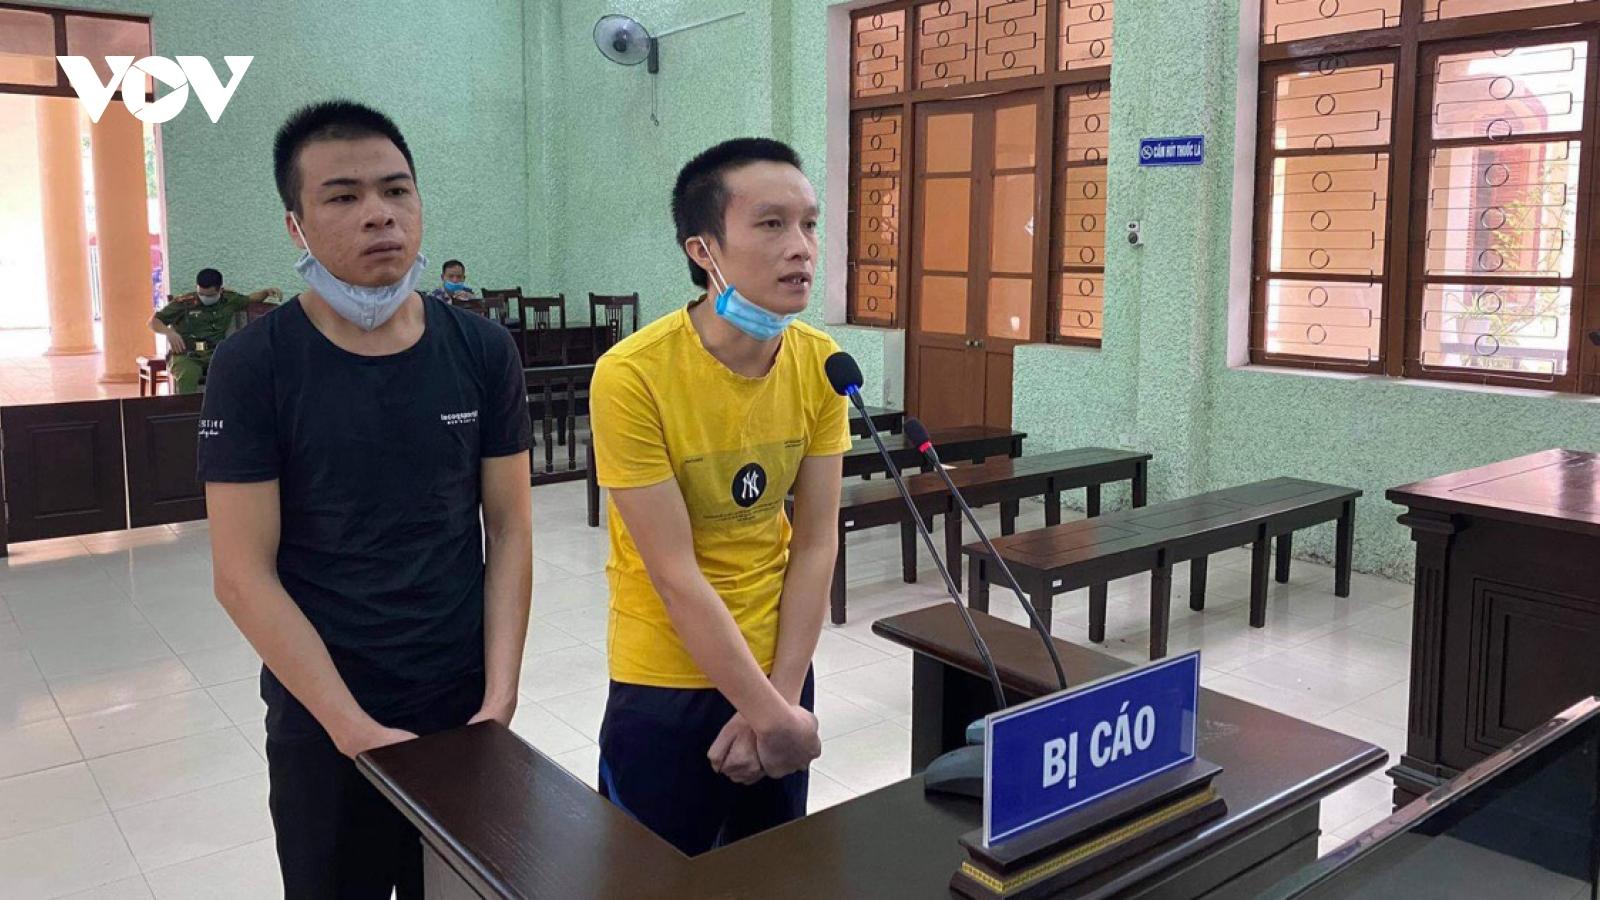 Nhận án tù vì đưa người xuất cảnh trái phép